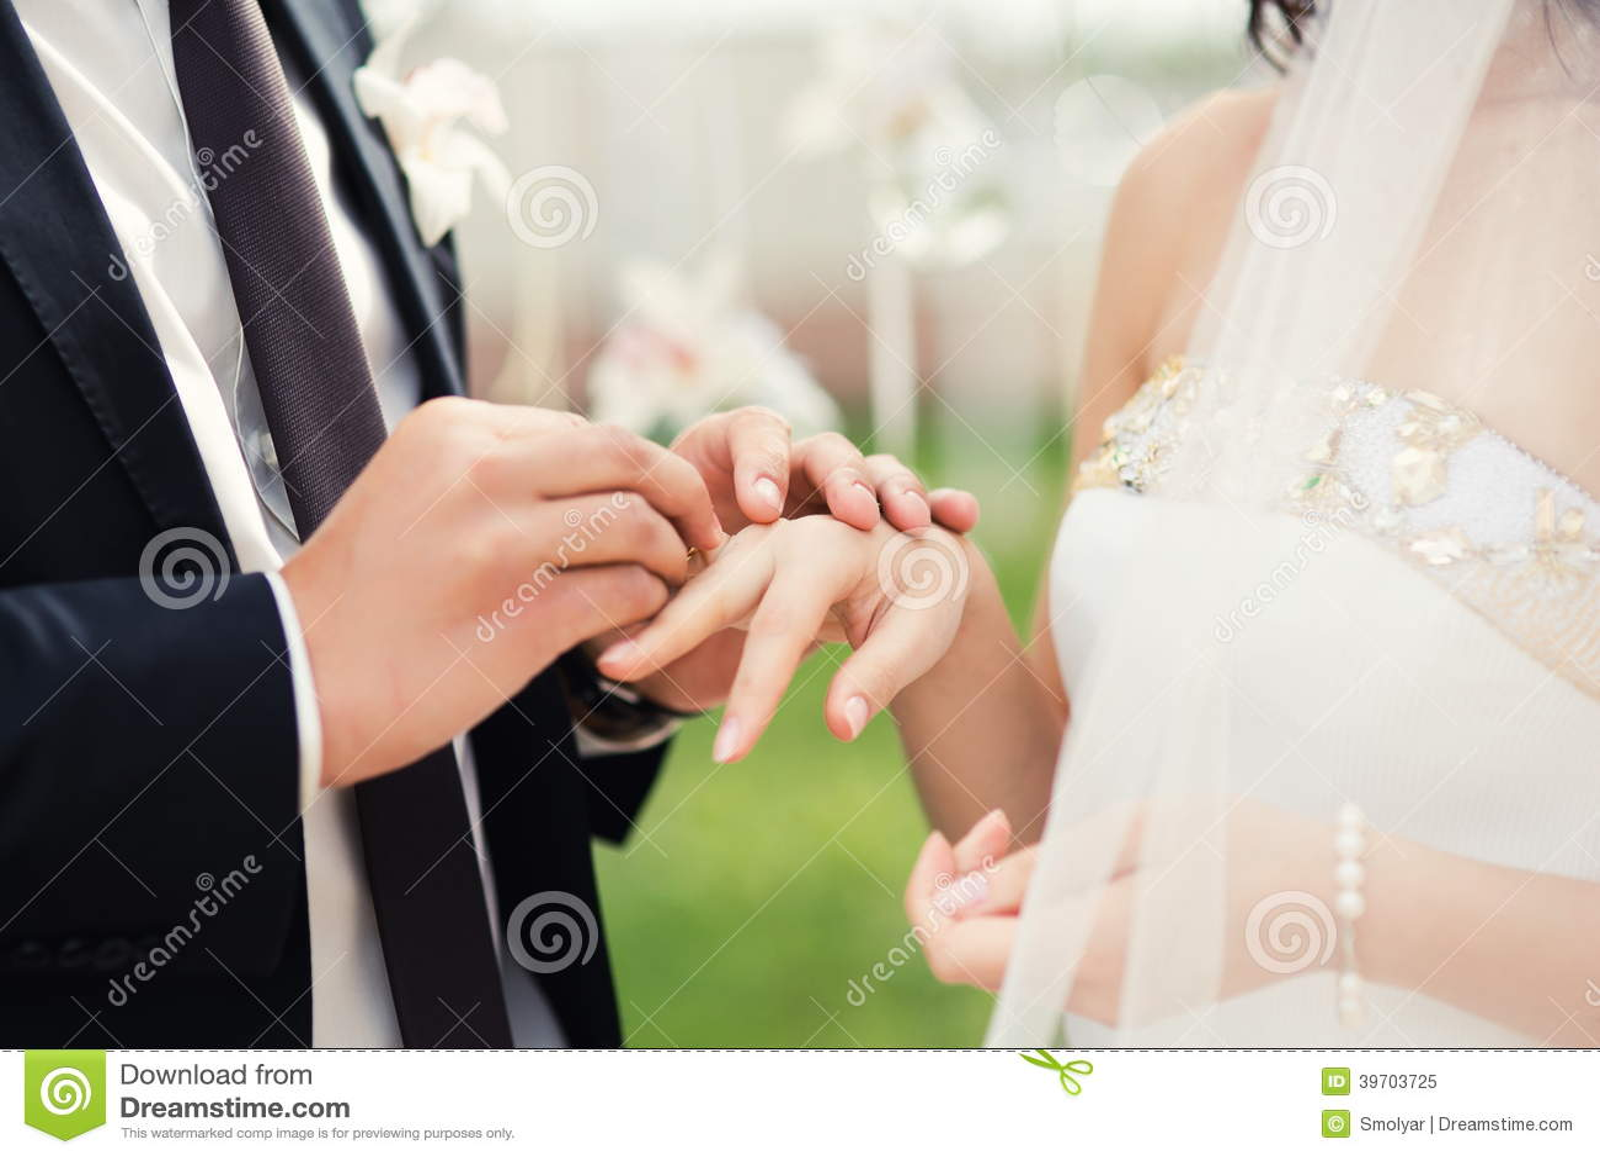 Hochzeitspaar übergibt Nahaufnahme während der Hochzeitszeremonie